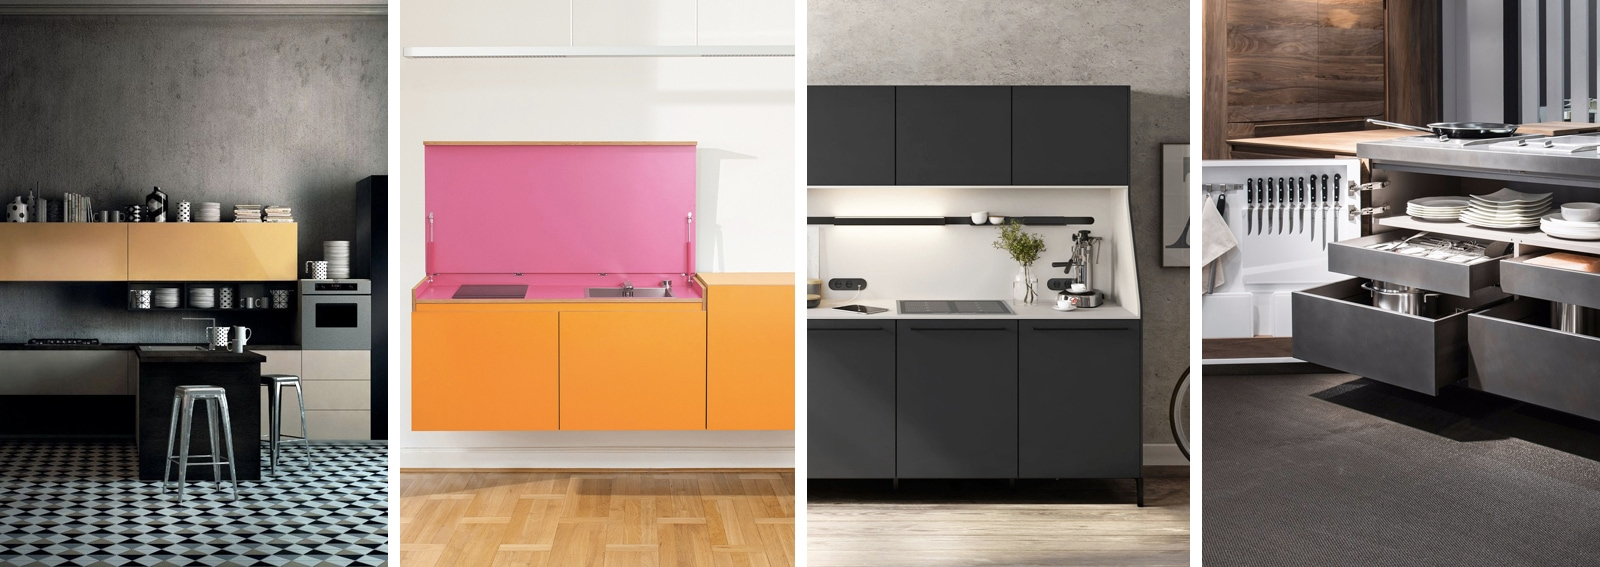 10 idee per arredare una cucina molto piccola - Idee per arredare casa piccola ...